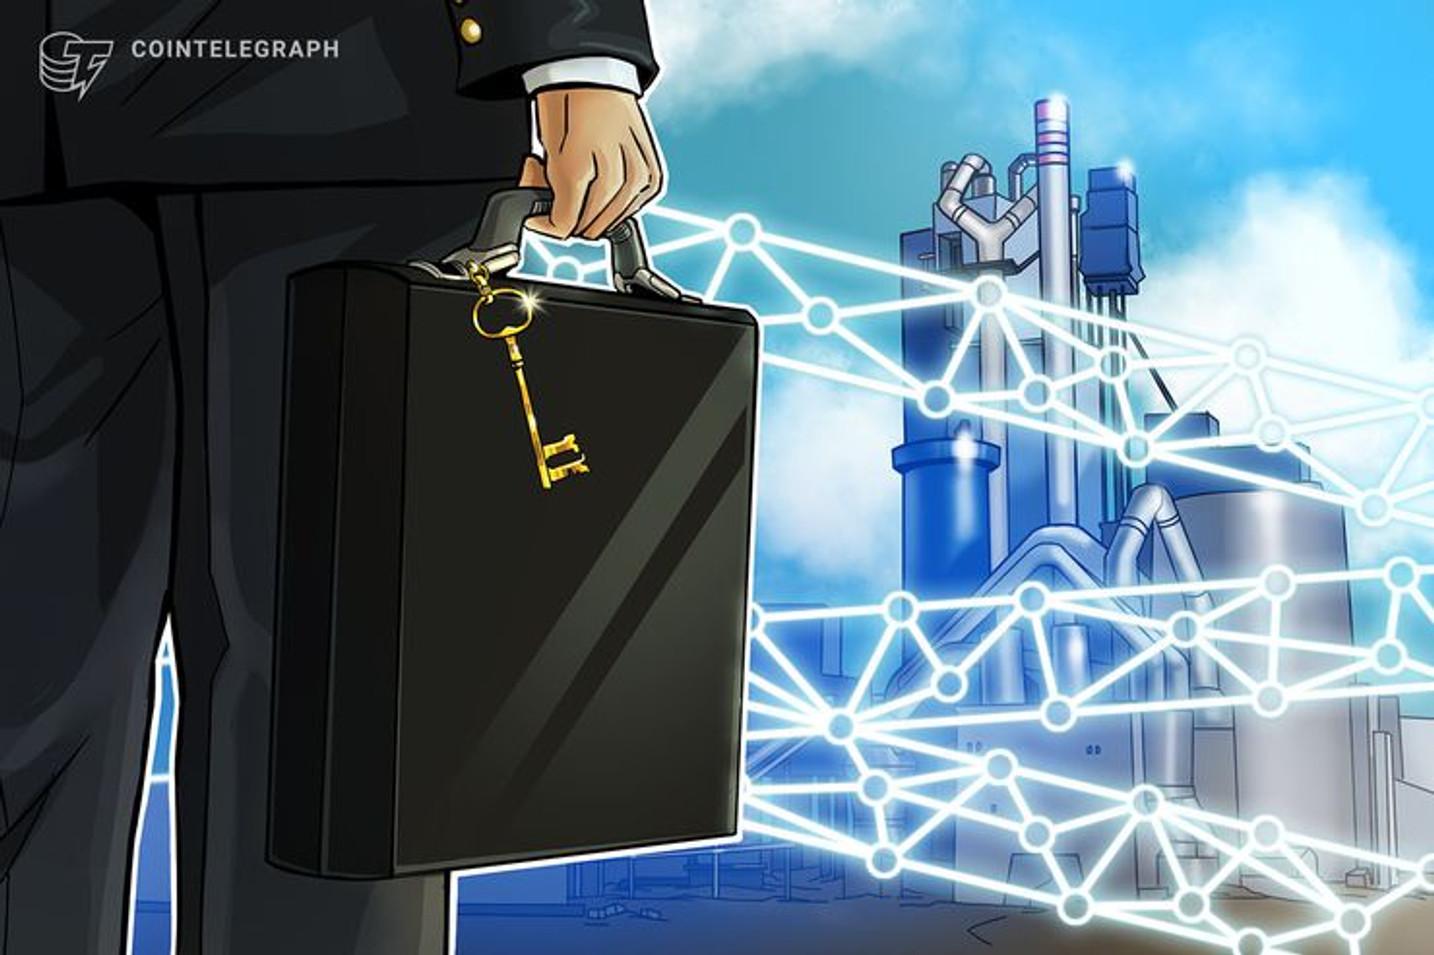 Bimtrazer aplicará blockchain en el control de construcciones previstas para el mundial de fútbol Qatar 2022